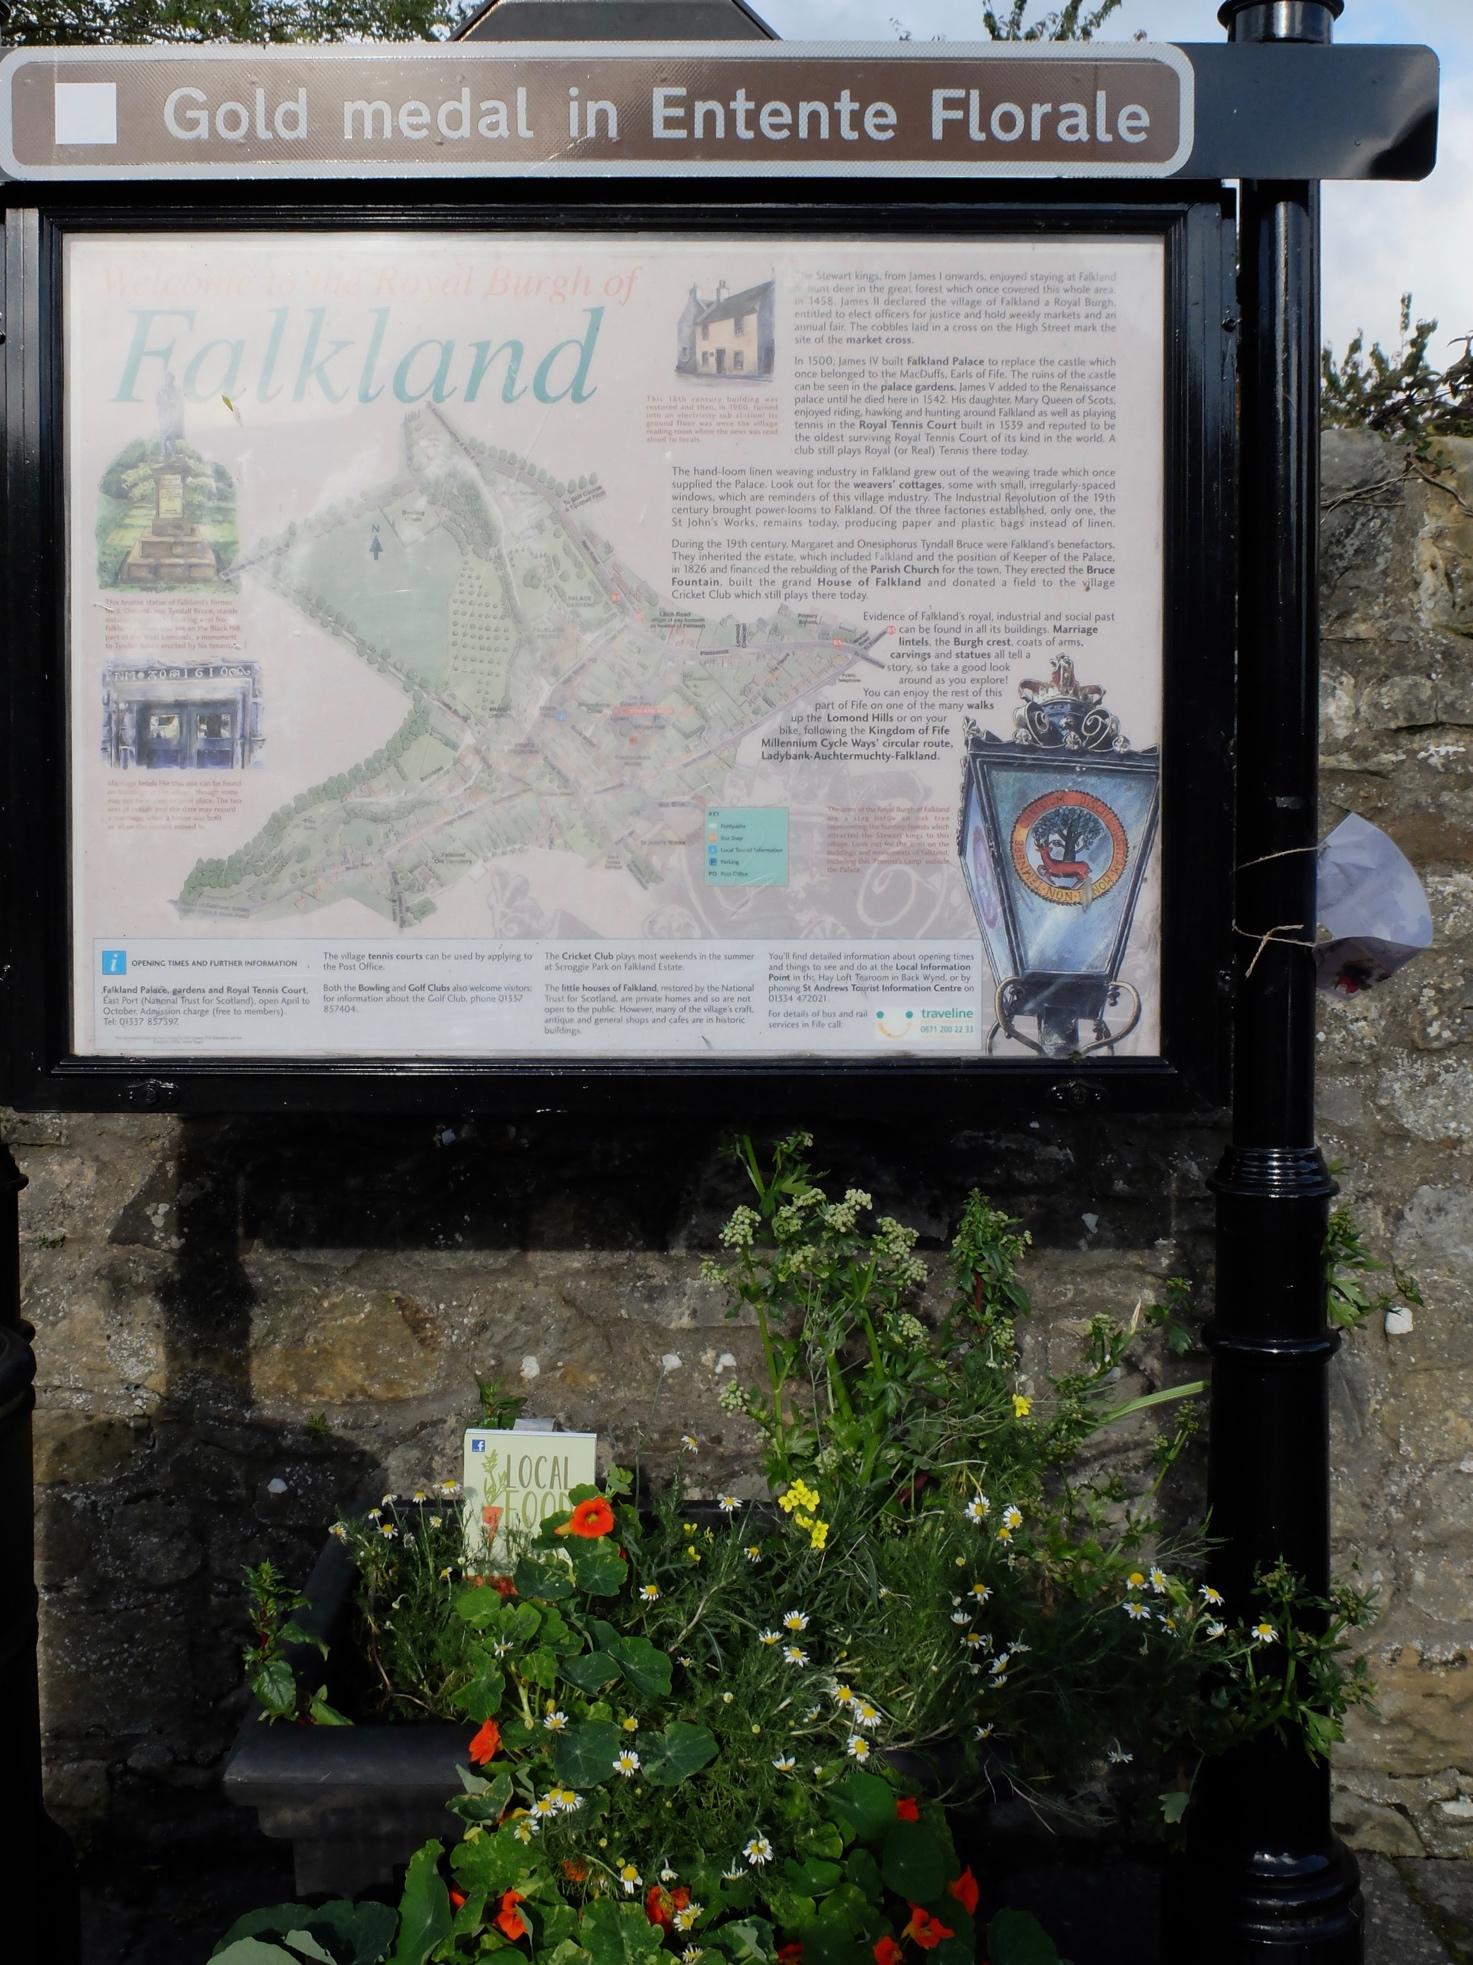 フォークランド村の地図をチェック